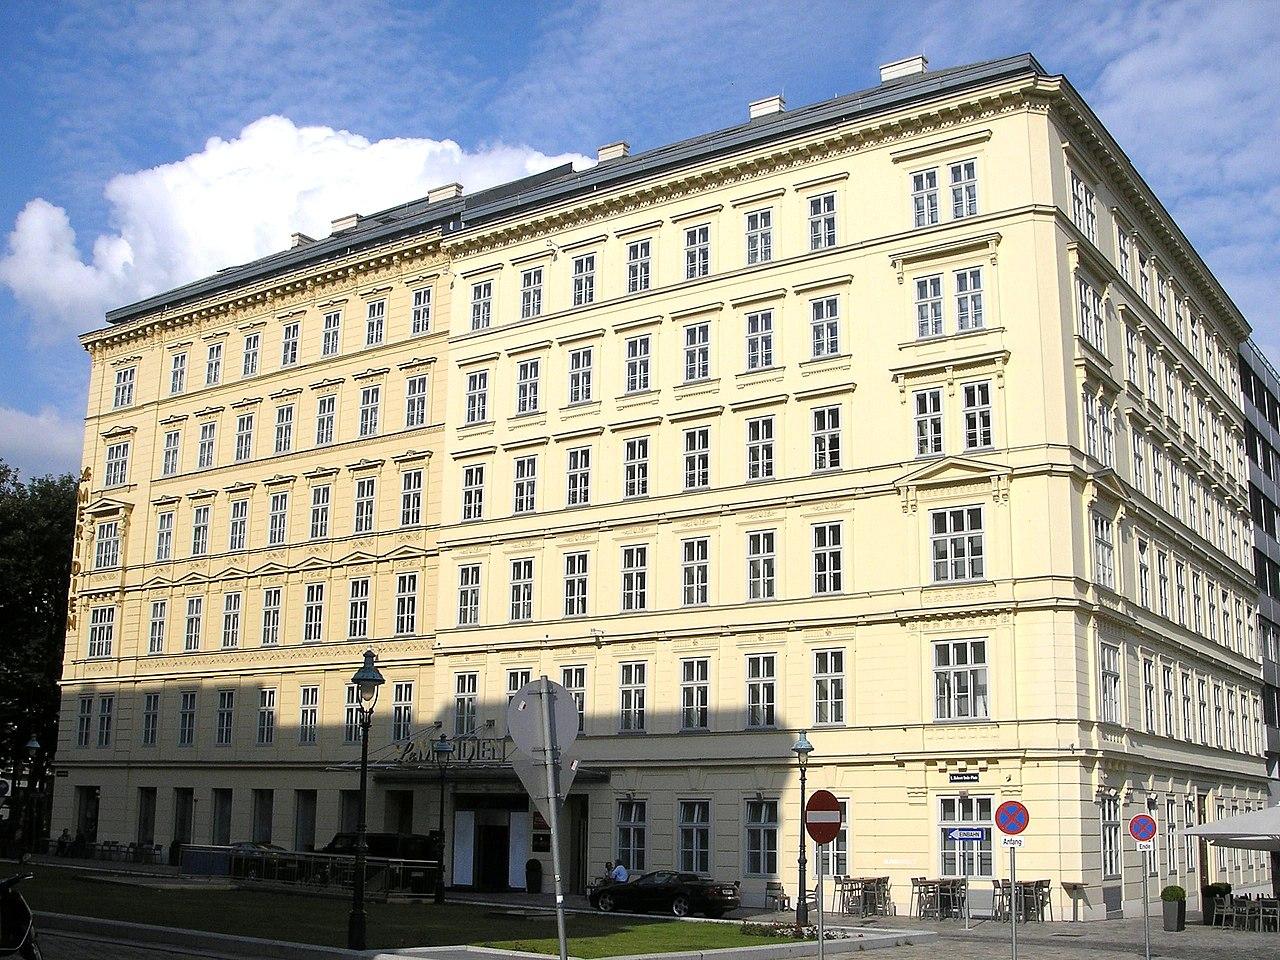 Le Meridien Hotel Hamburg